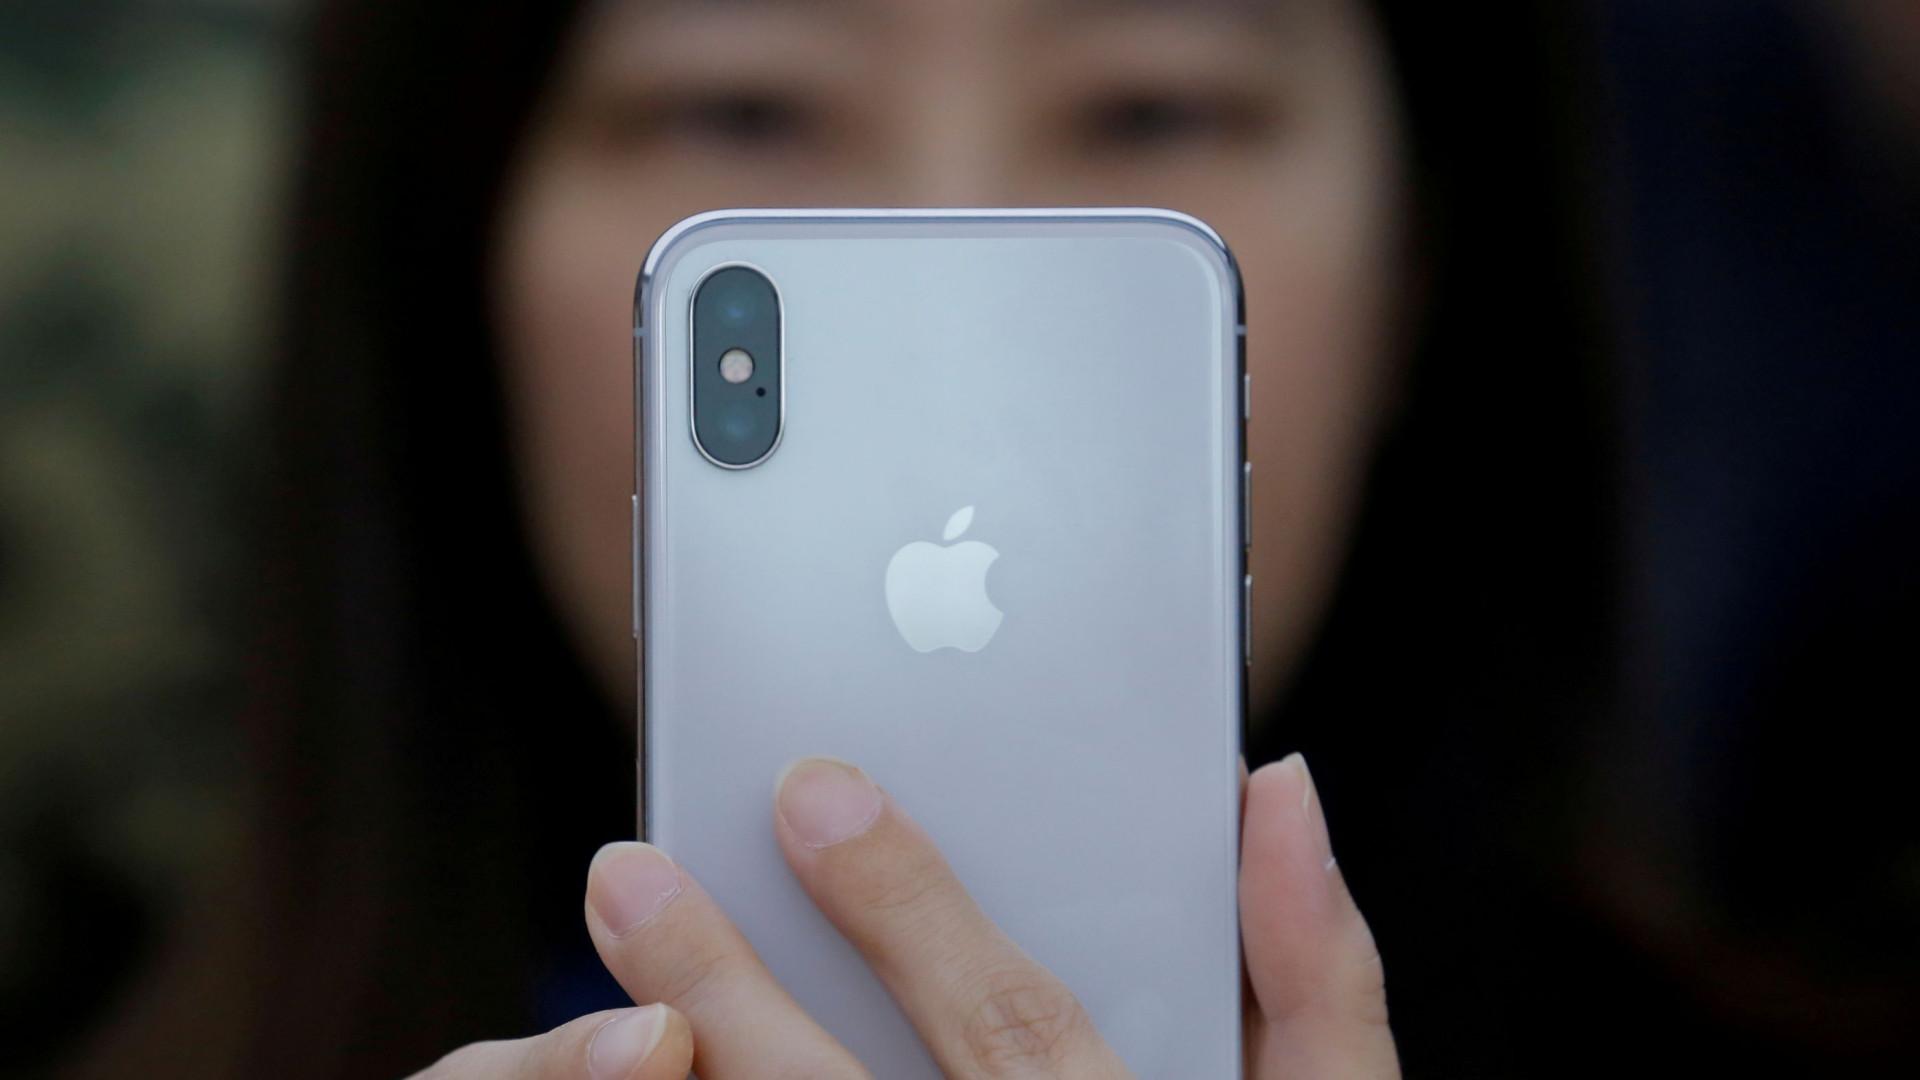 d8a8c3cdcab iOS 13 eliminará uma das maiores frustrações do iPhone